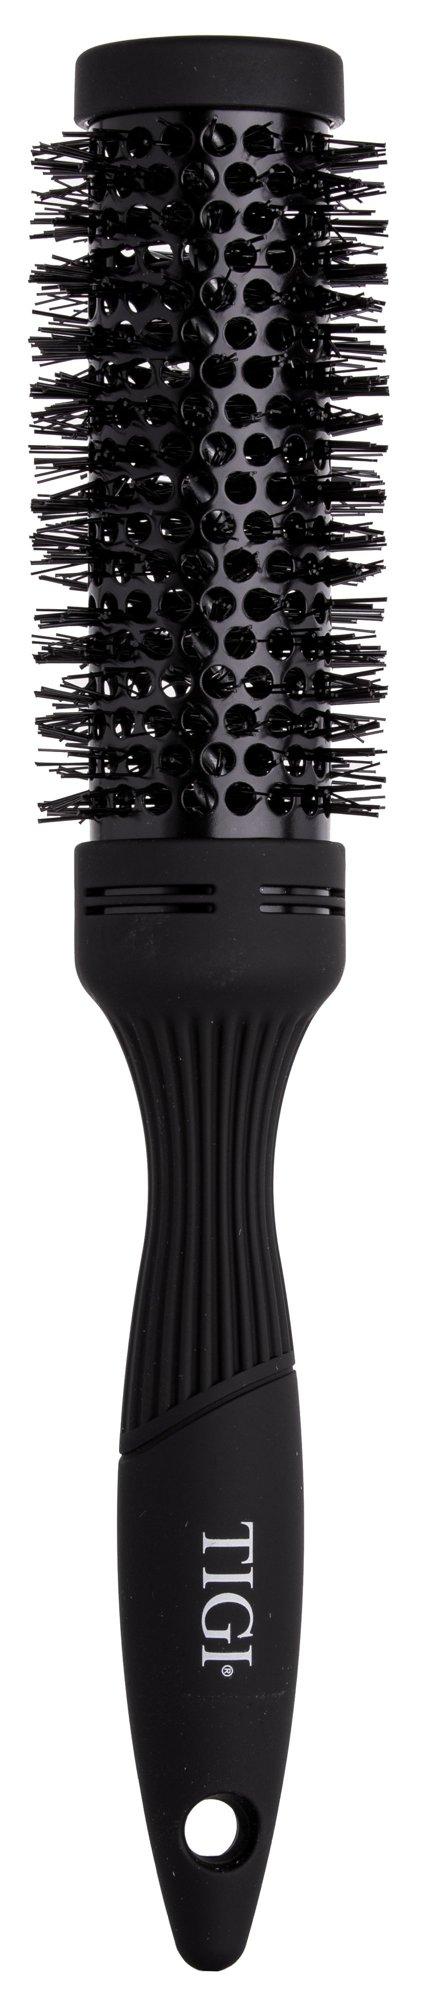 Plaukų šepetys Tigi Pro Medium Round Brush 48mm